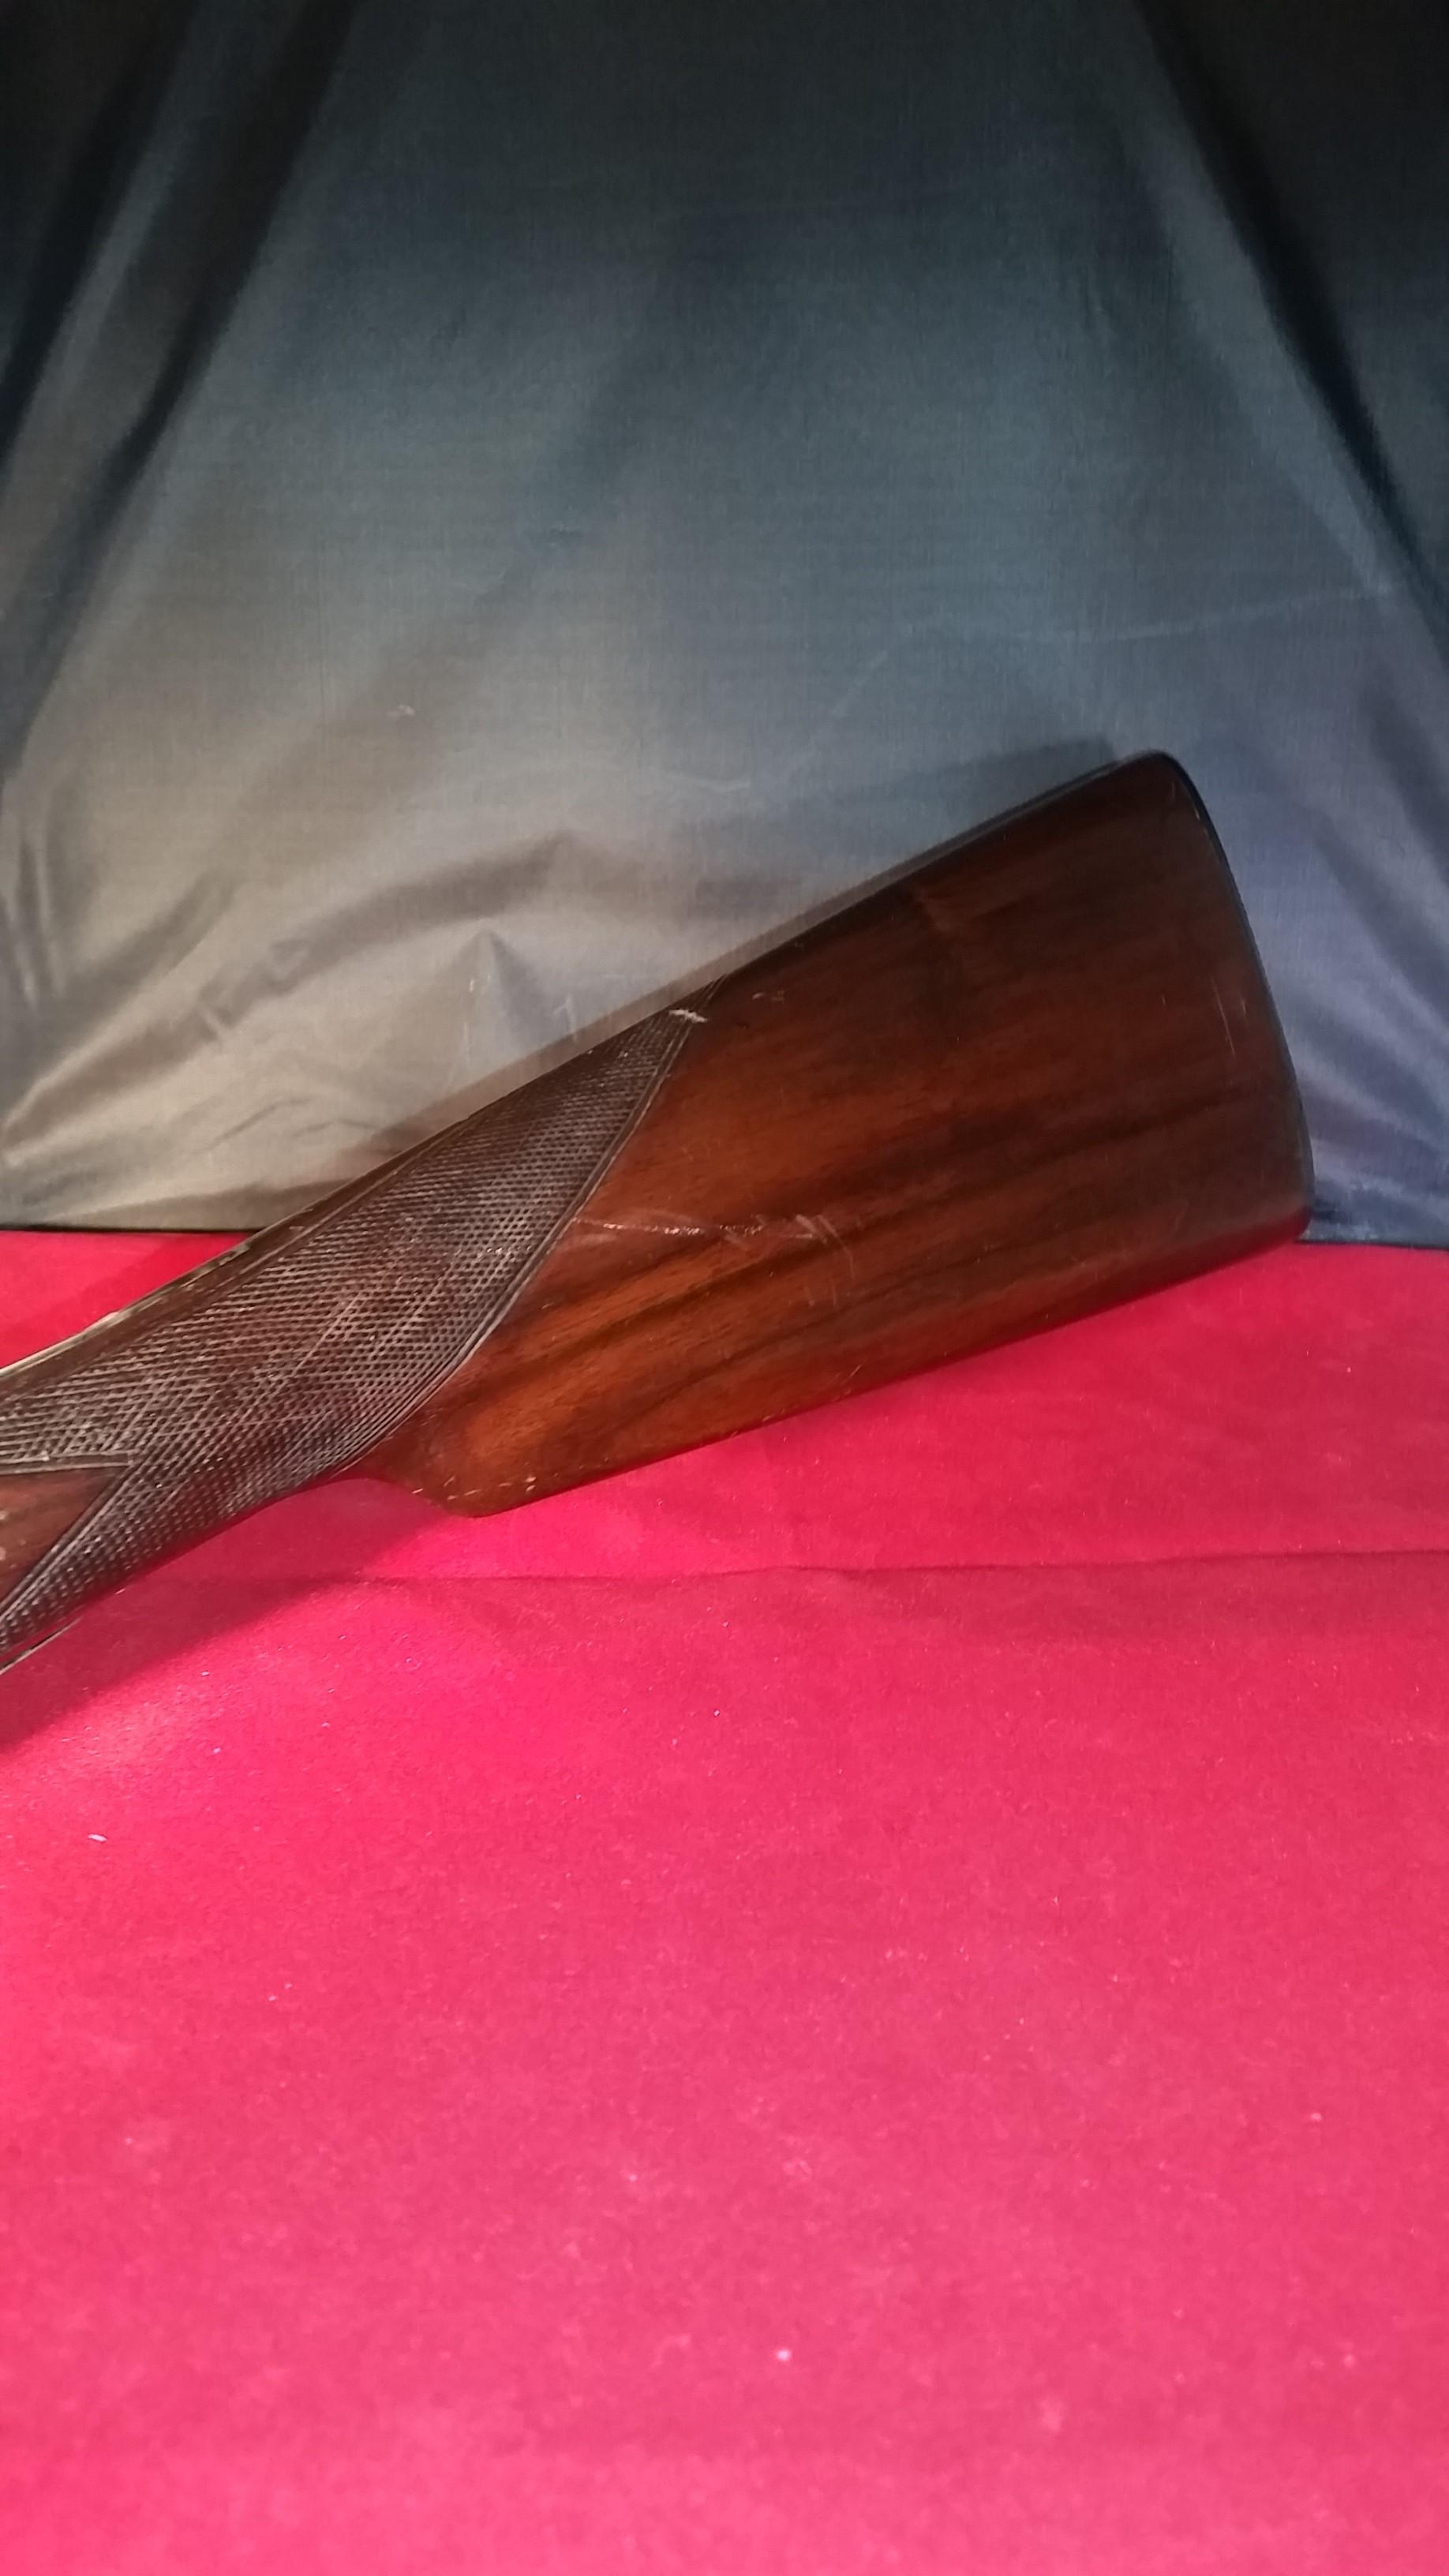 Fusil Kerne Cal.20/70 crosse